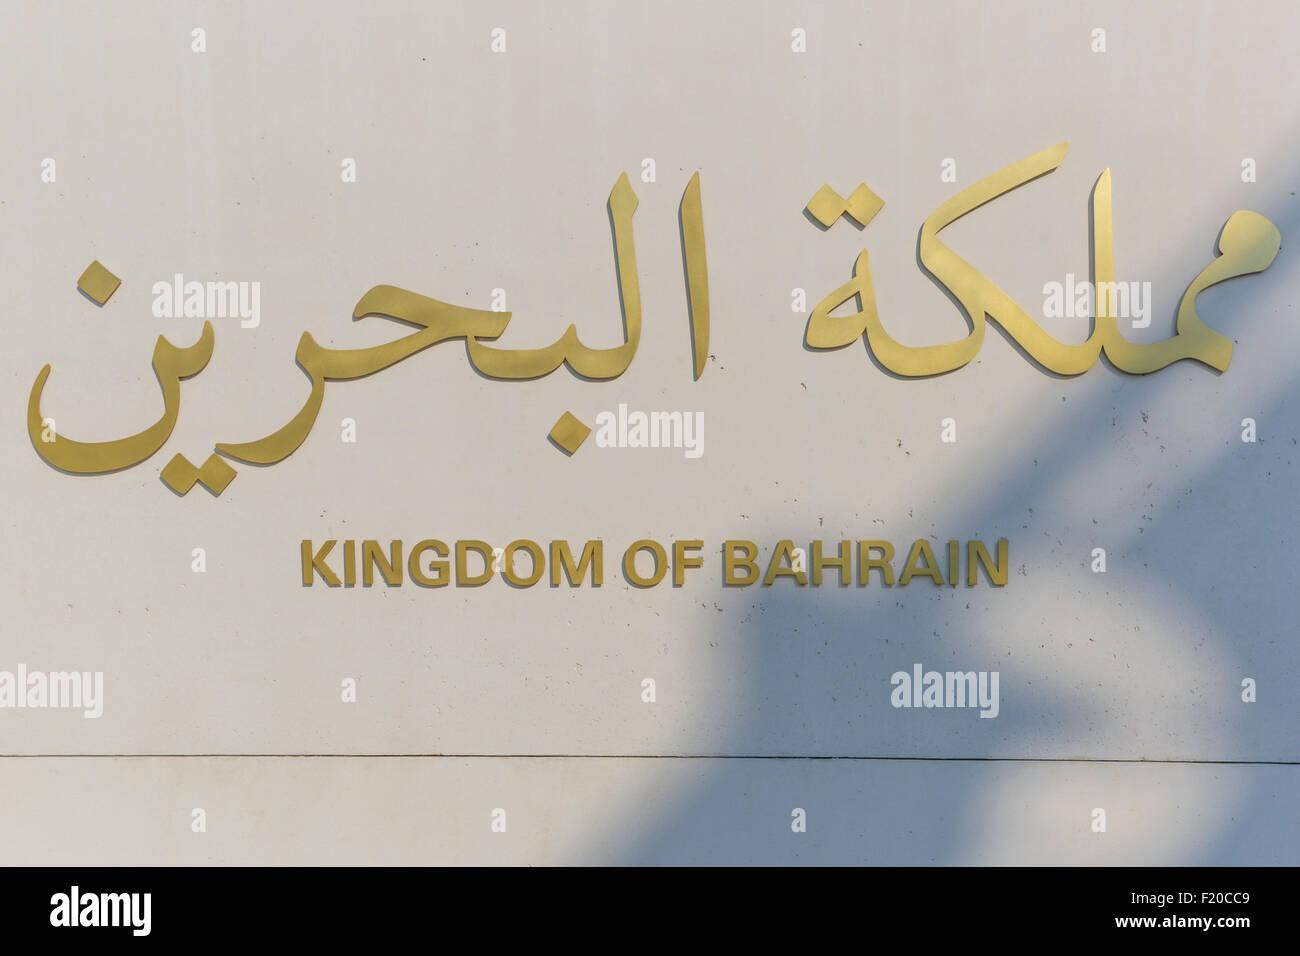 Milano, 12 agosto 2015: dettaglio del Bahrain pavilion alla fiera Expo 2015 Italia. Immagini Stock